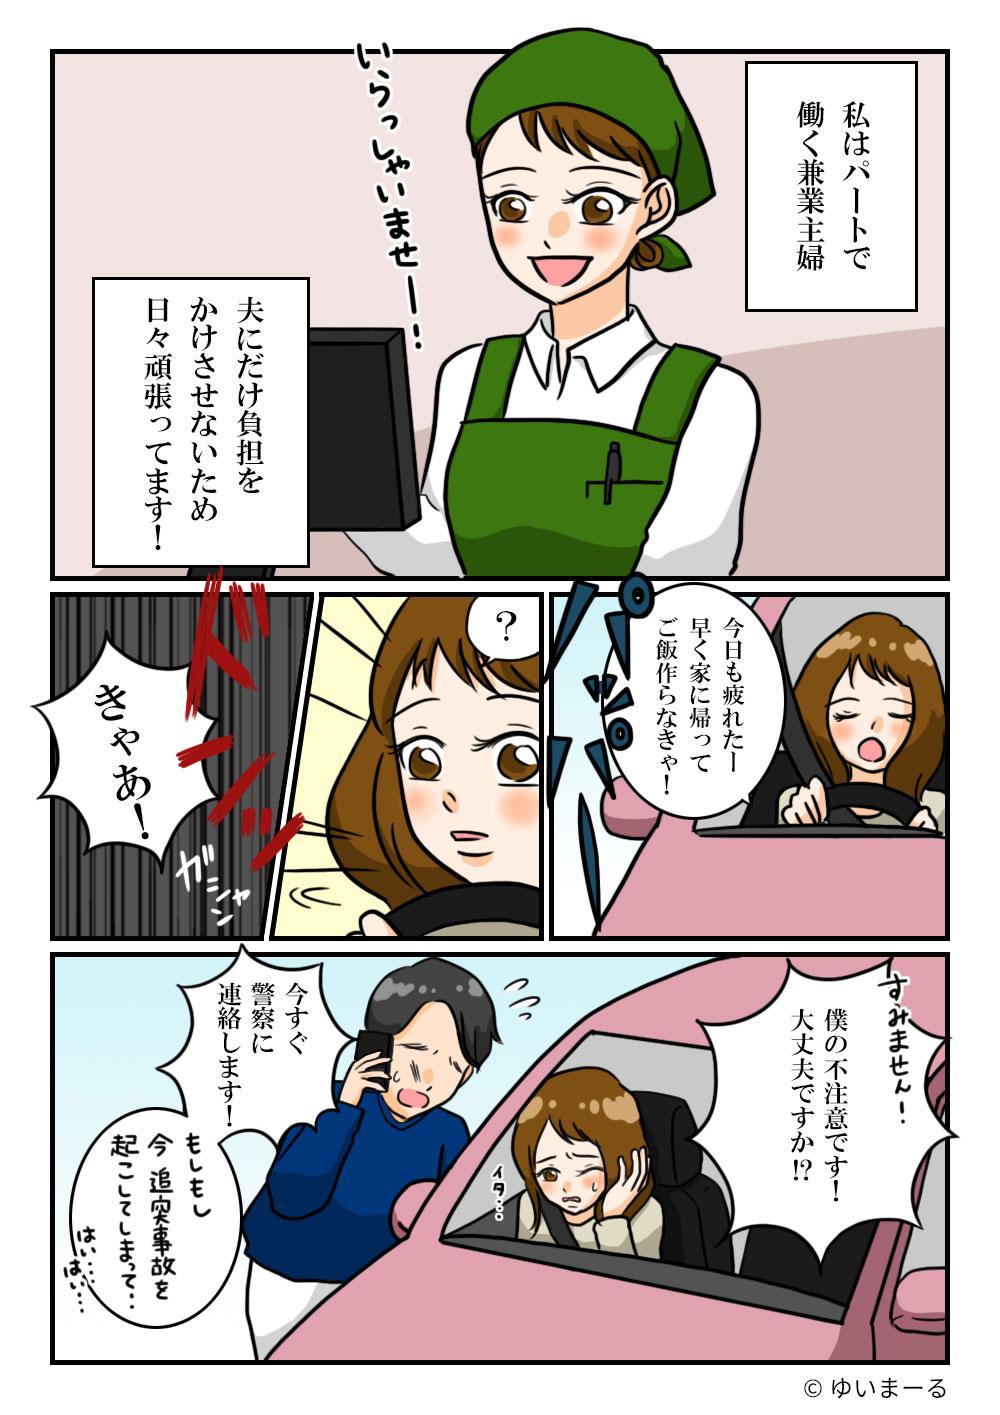 漫画6-1